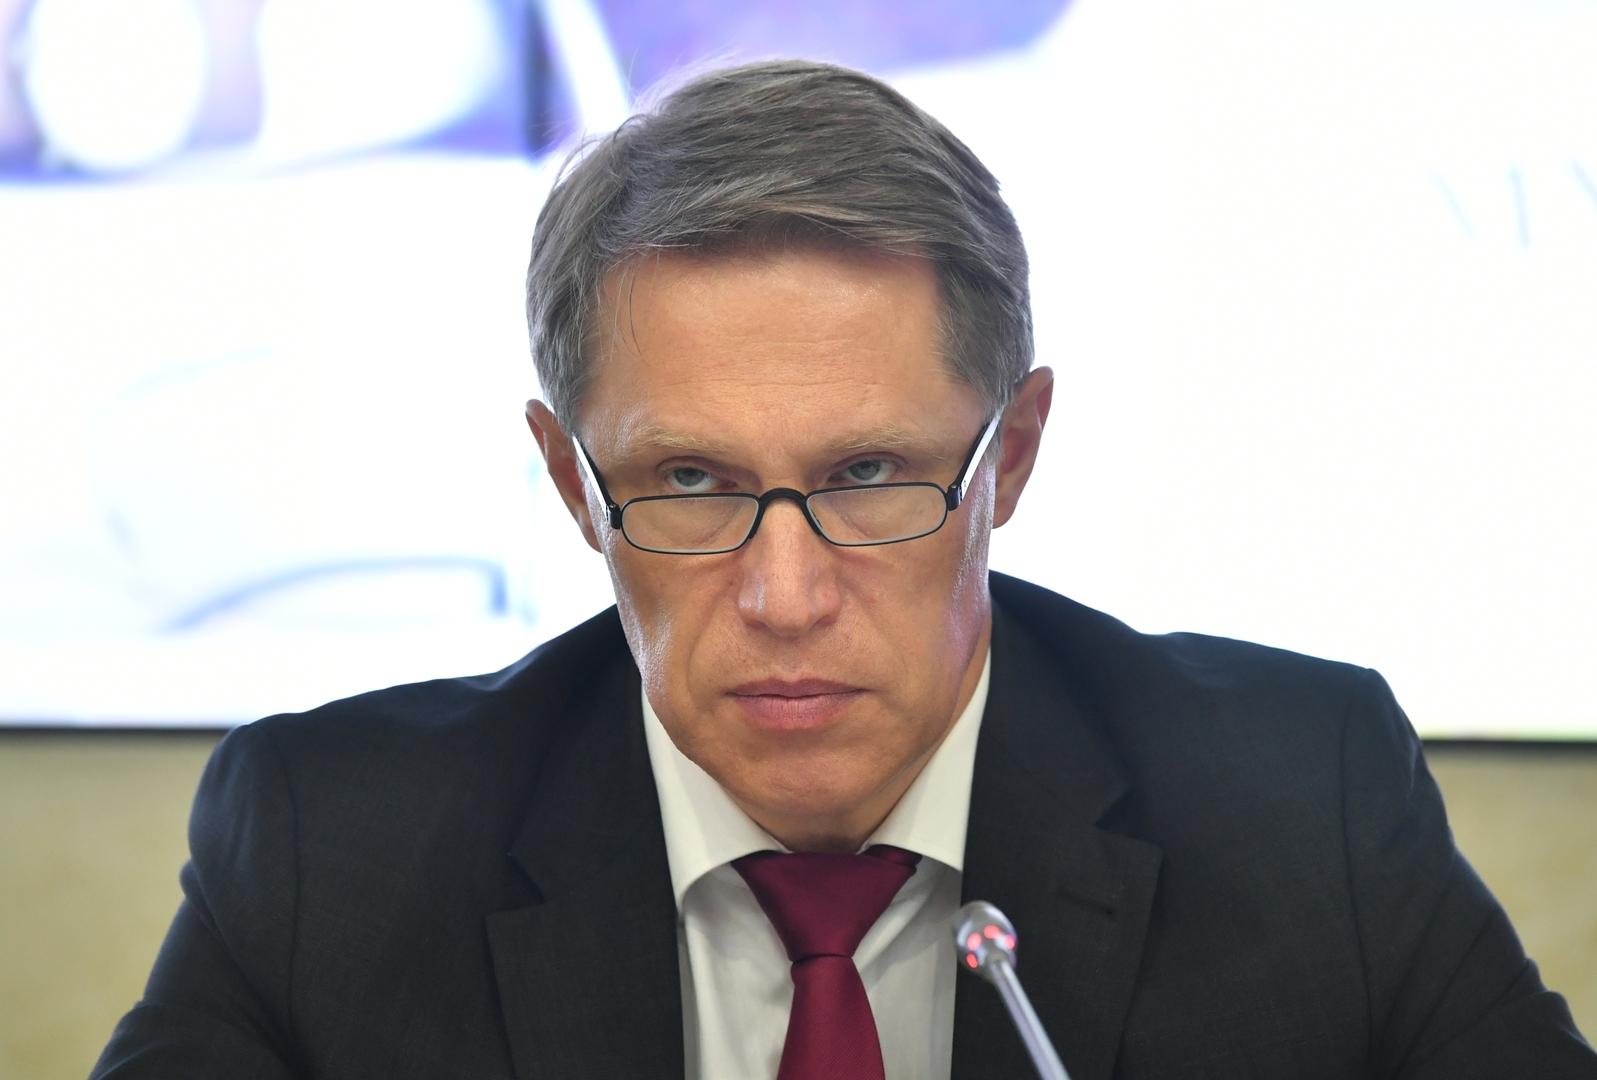 وزير الصحة الروسي: قد نبدأ استخدام لقاح ضد فيروس كورونا في أغسطس